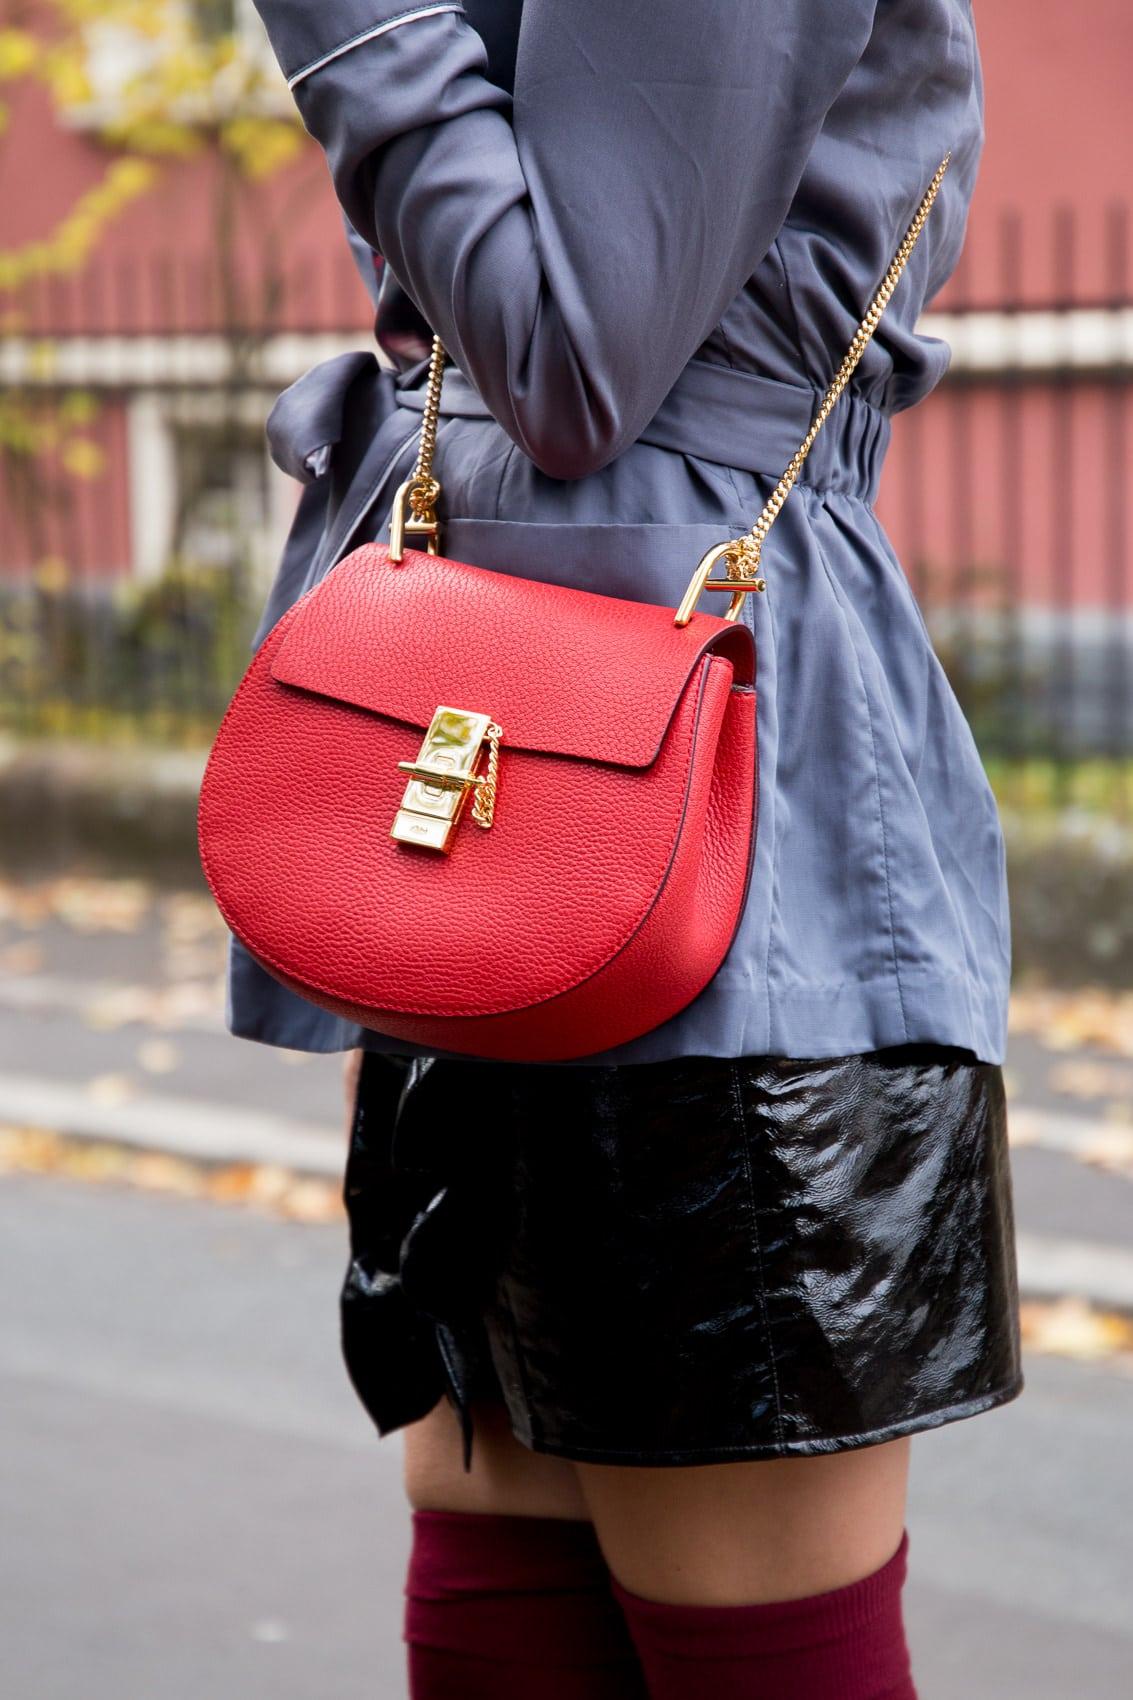 C'est la vie, chéri: Parisienne Look mit Fashionette & Chloé